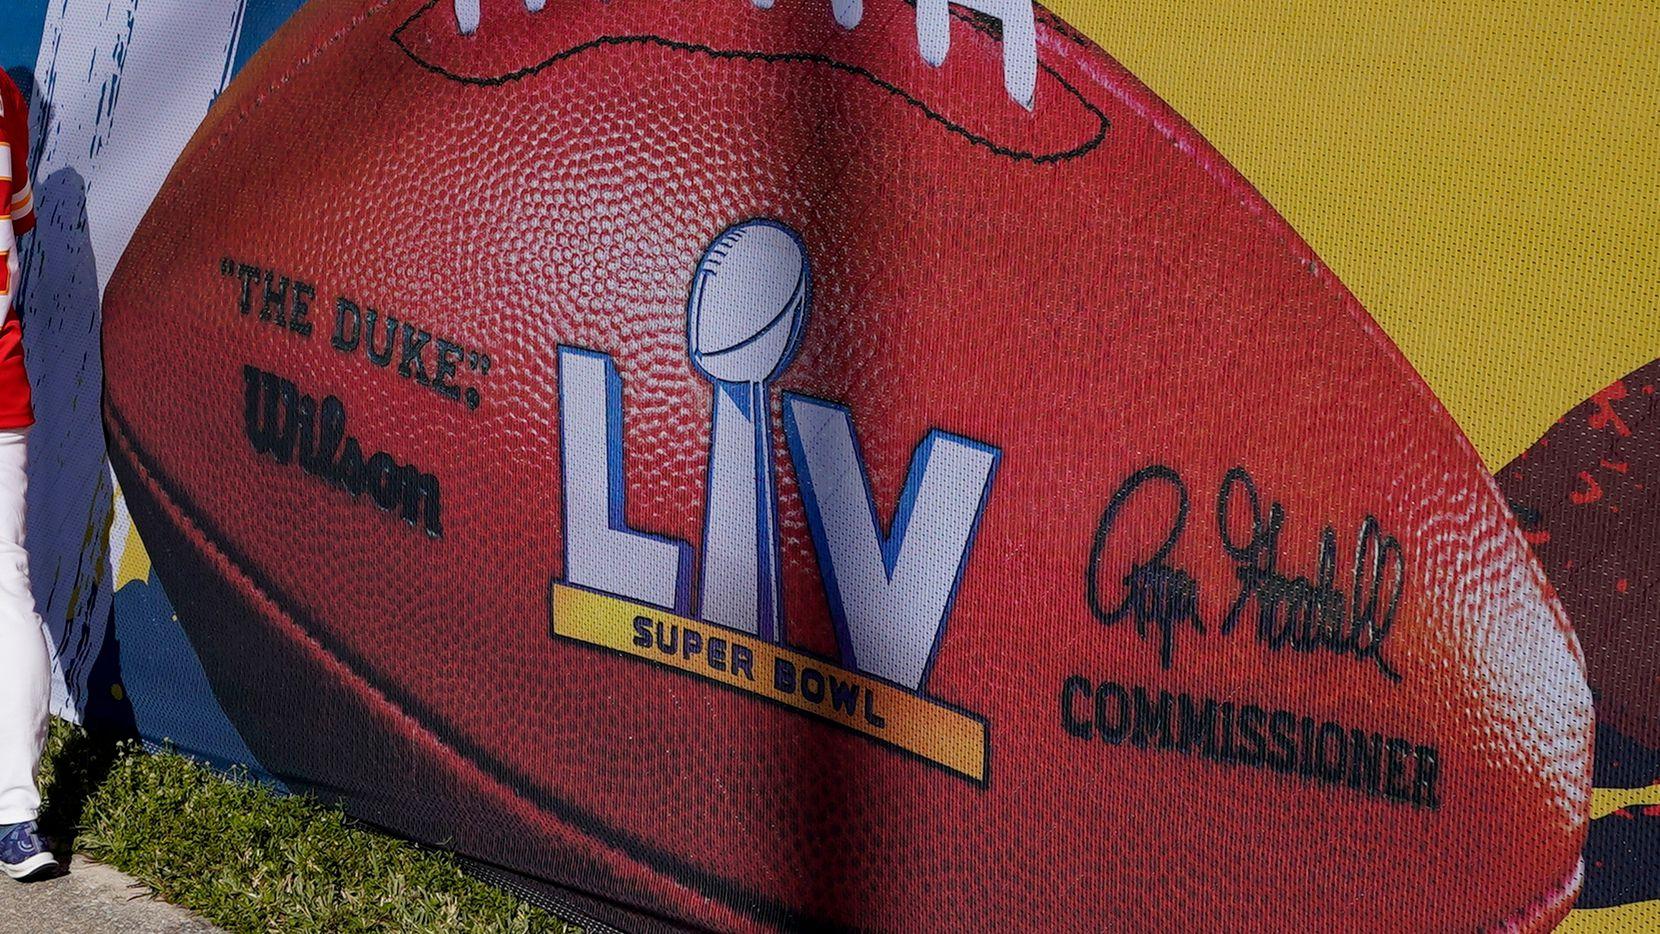 Asistir al Super Bowl LV en Tampa, Florida, le salió caro a funcionarios mexicanos.